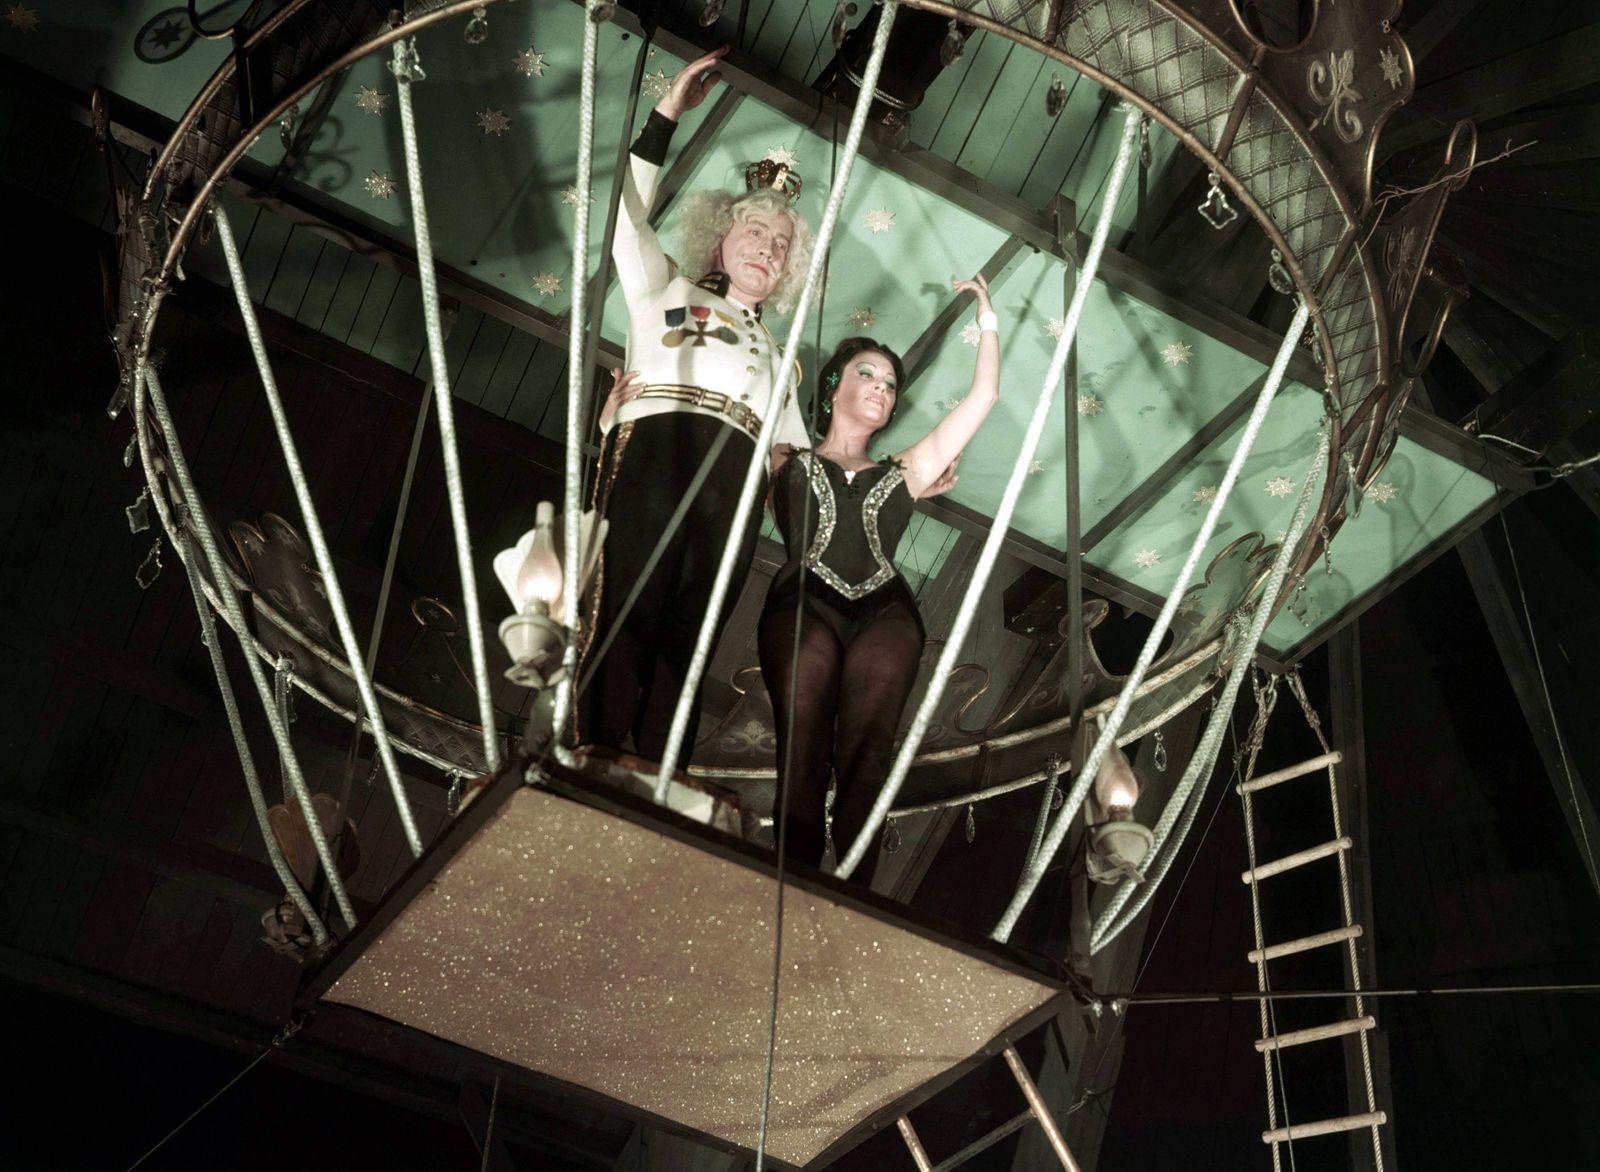 LOLA MONTEZ FRA BRD 1955 Max Ophüls Zirkusszene mit OSKAR WERNER und MARTINE CAROL Lola Montes